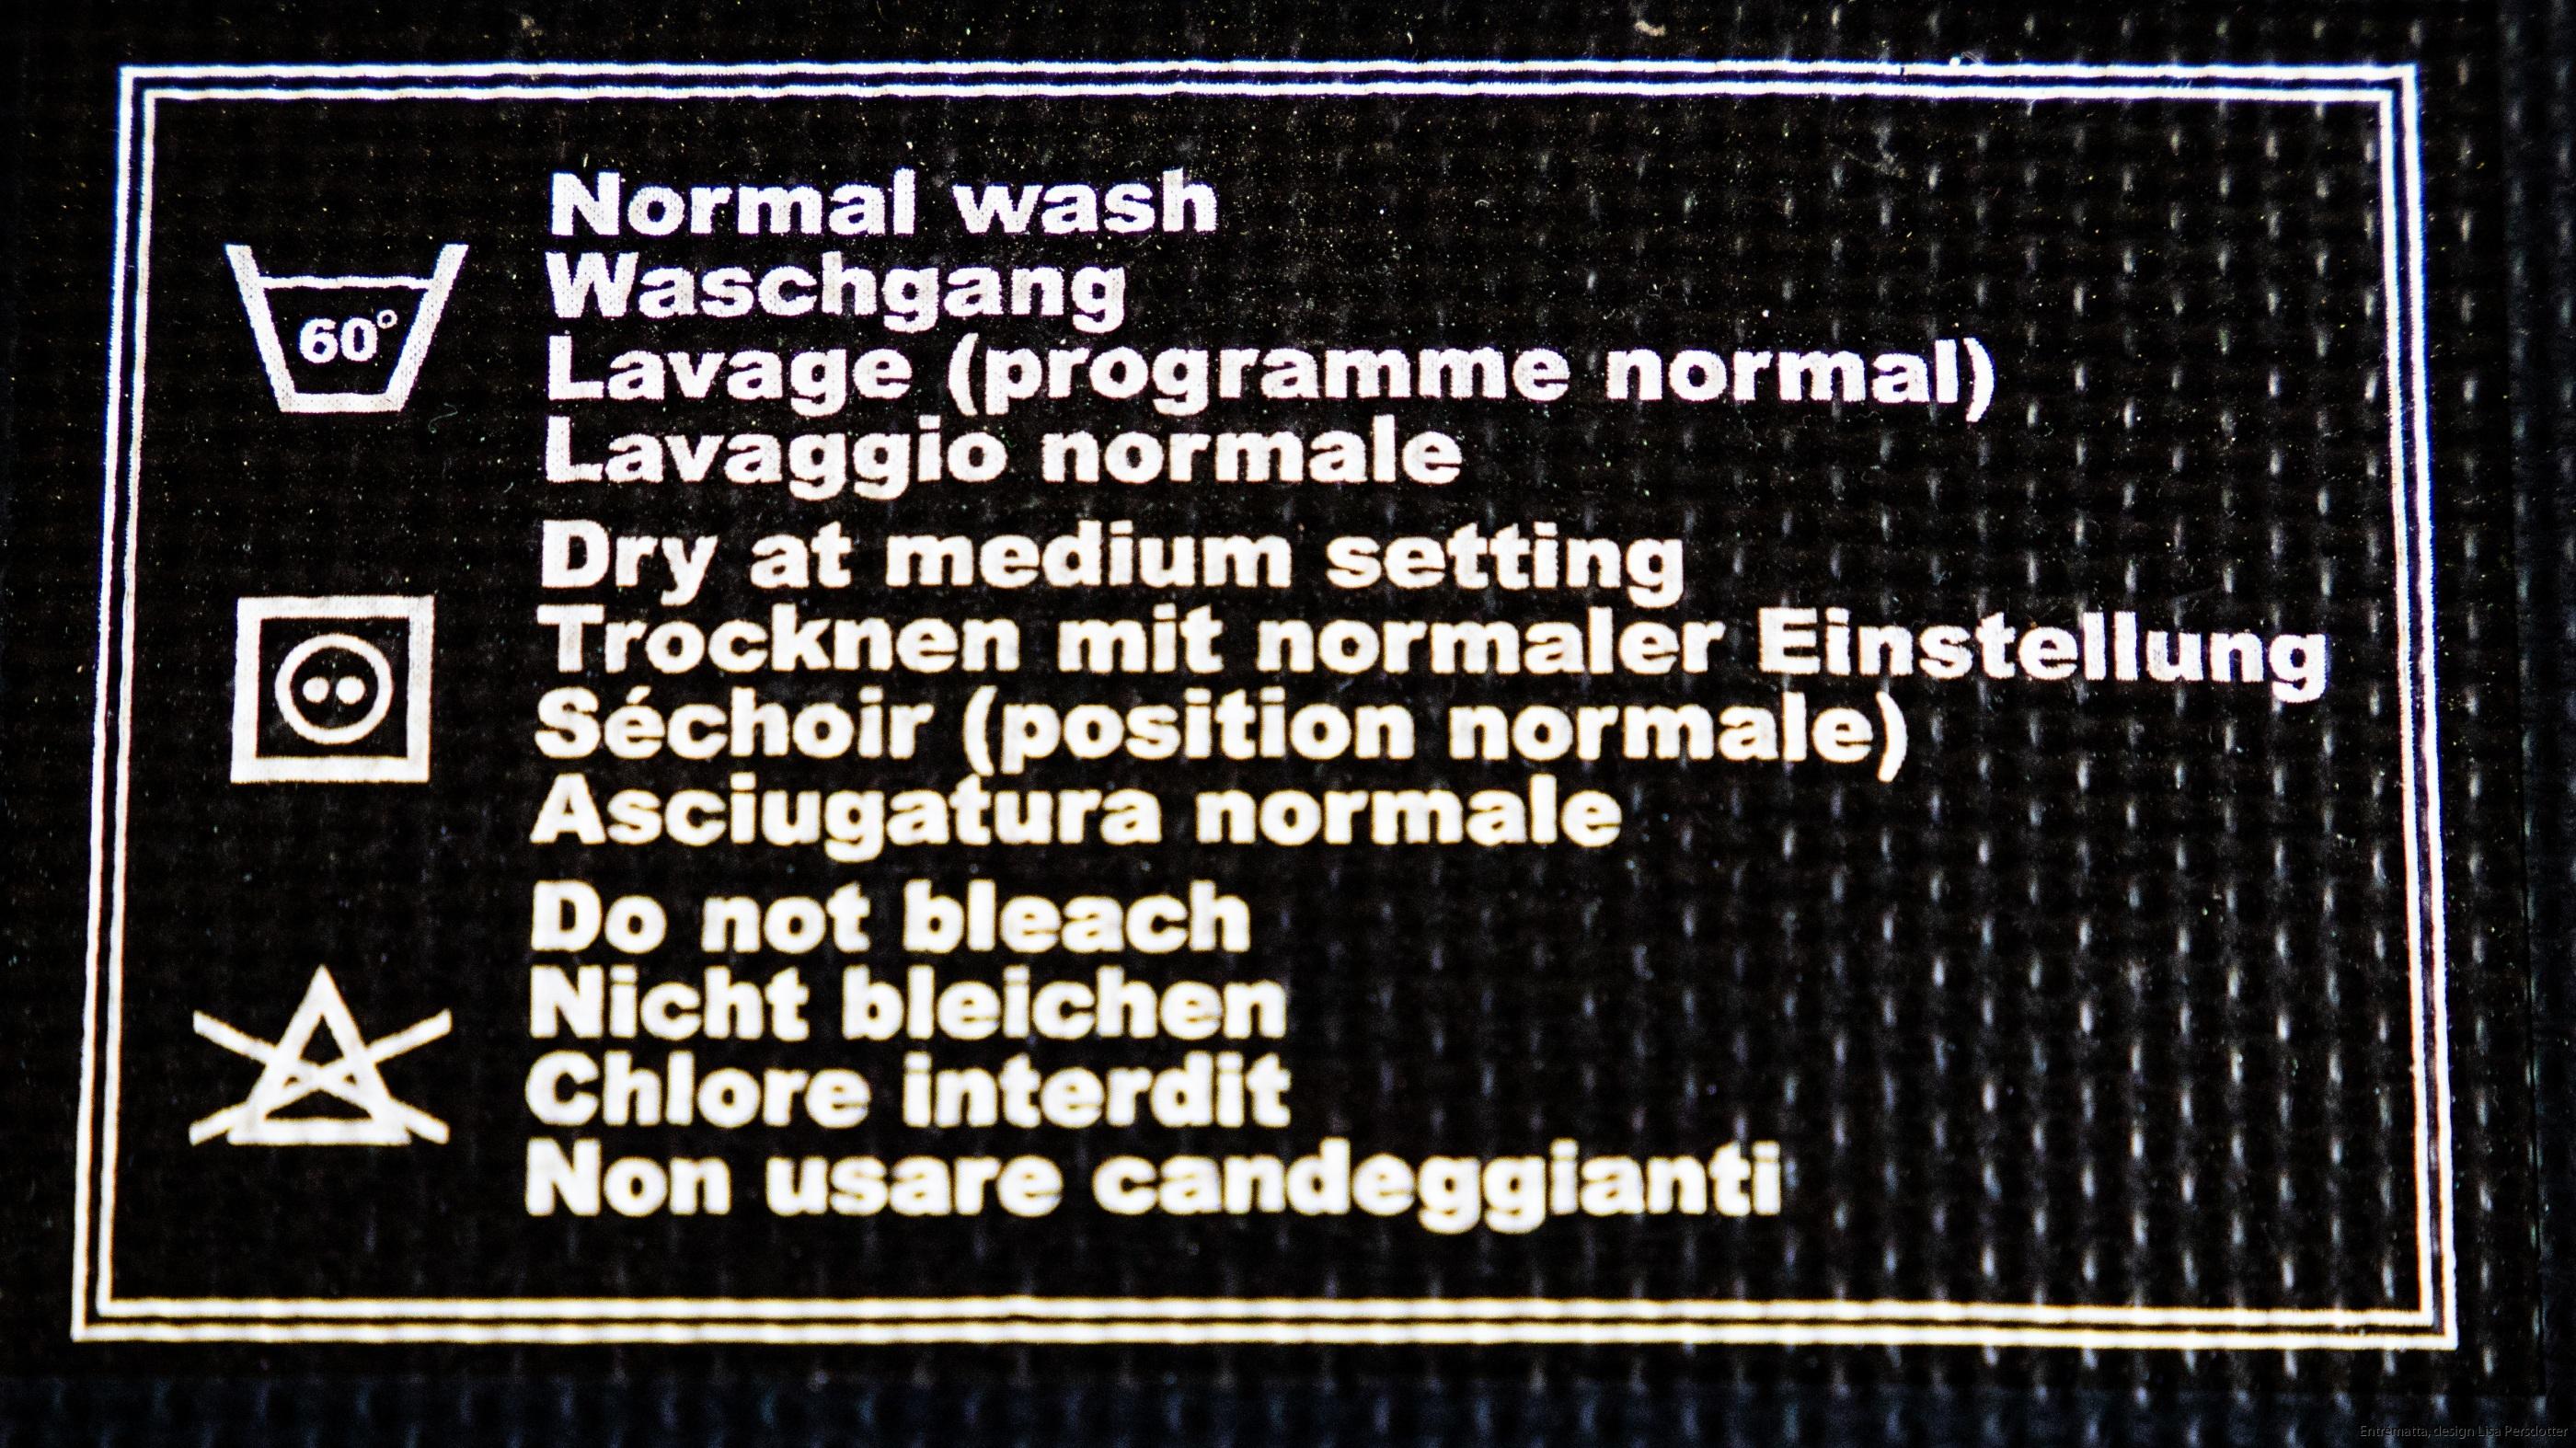 Hallmatta tvätt 60 grader